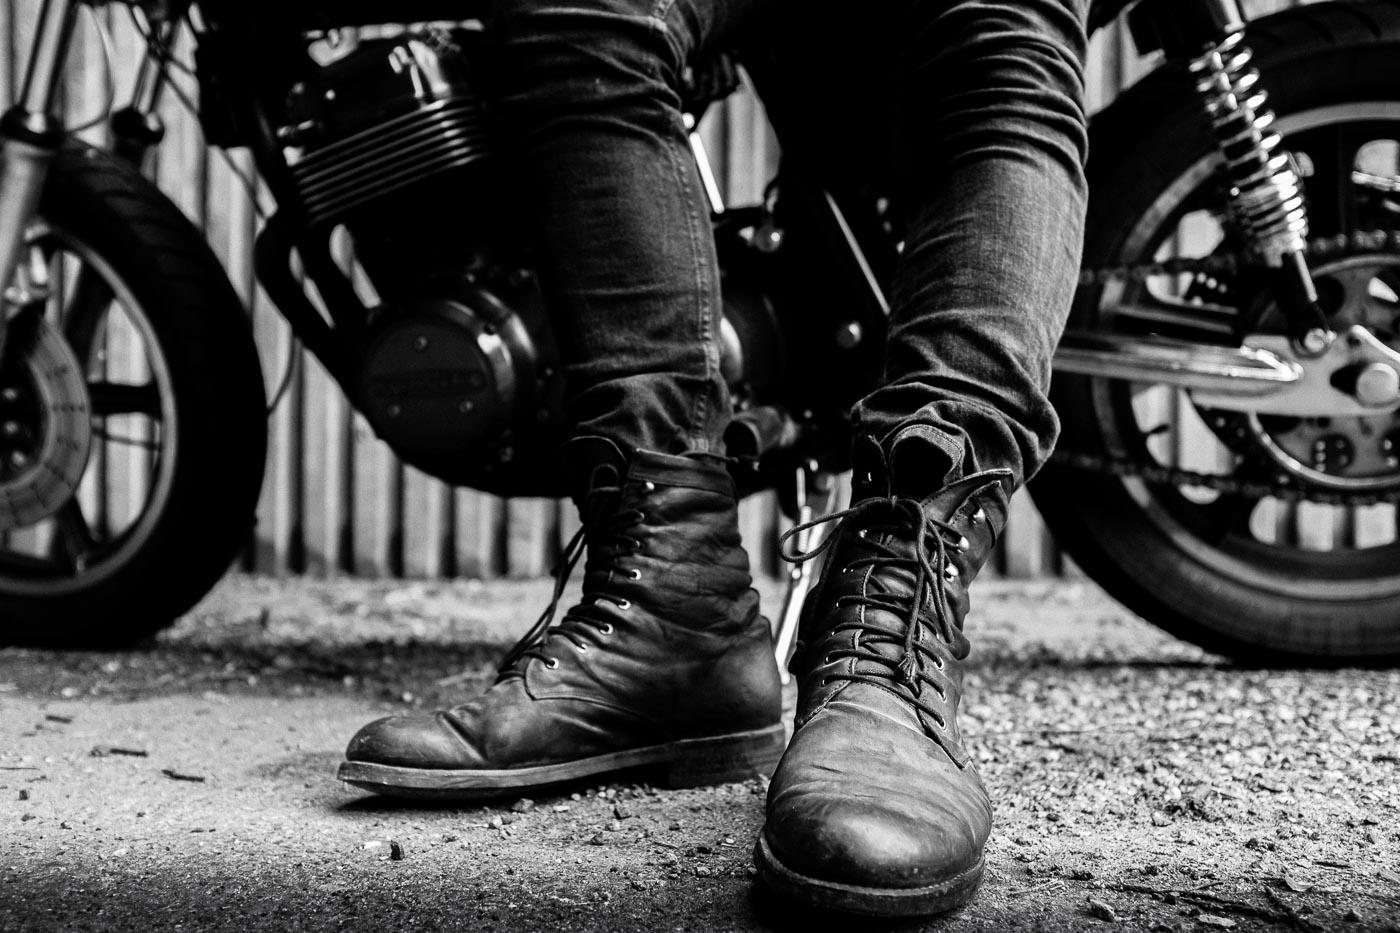 WilkieVintage_Motorcycle_Projects @ Alan Thomas Duncan Wilkie-4.jpg